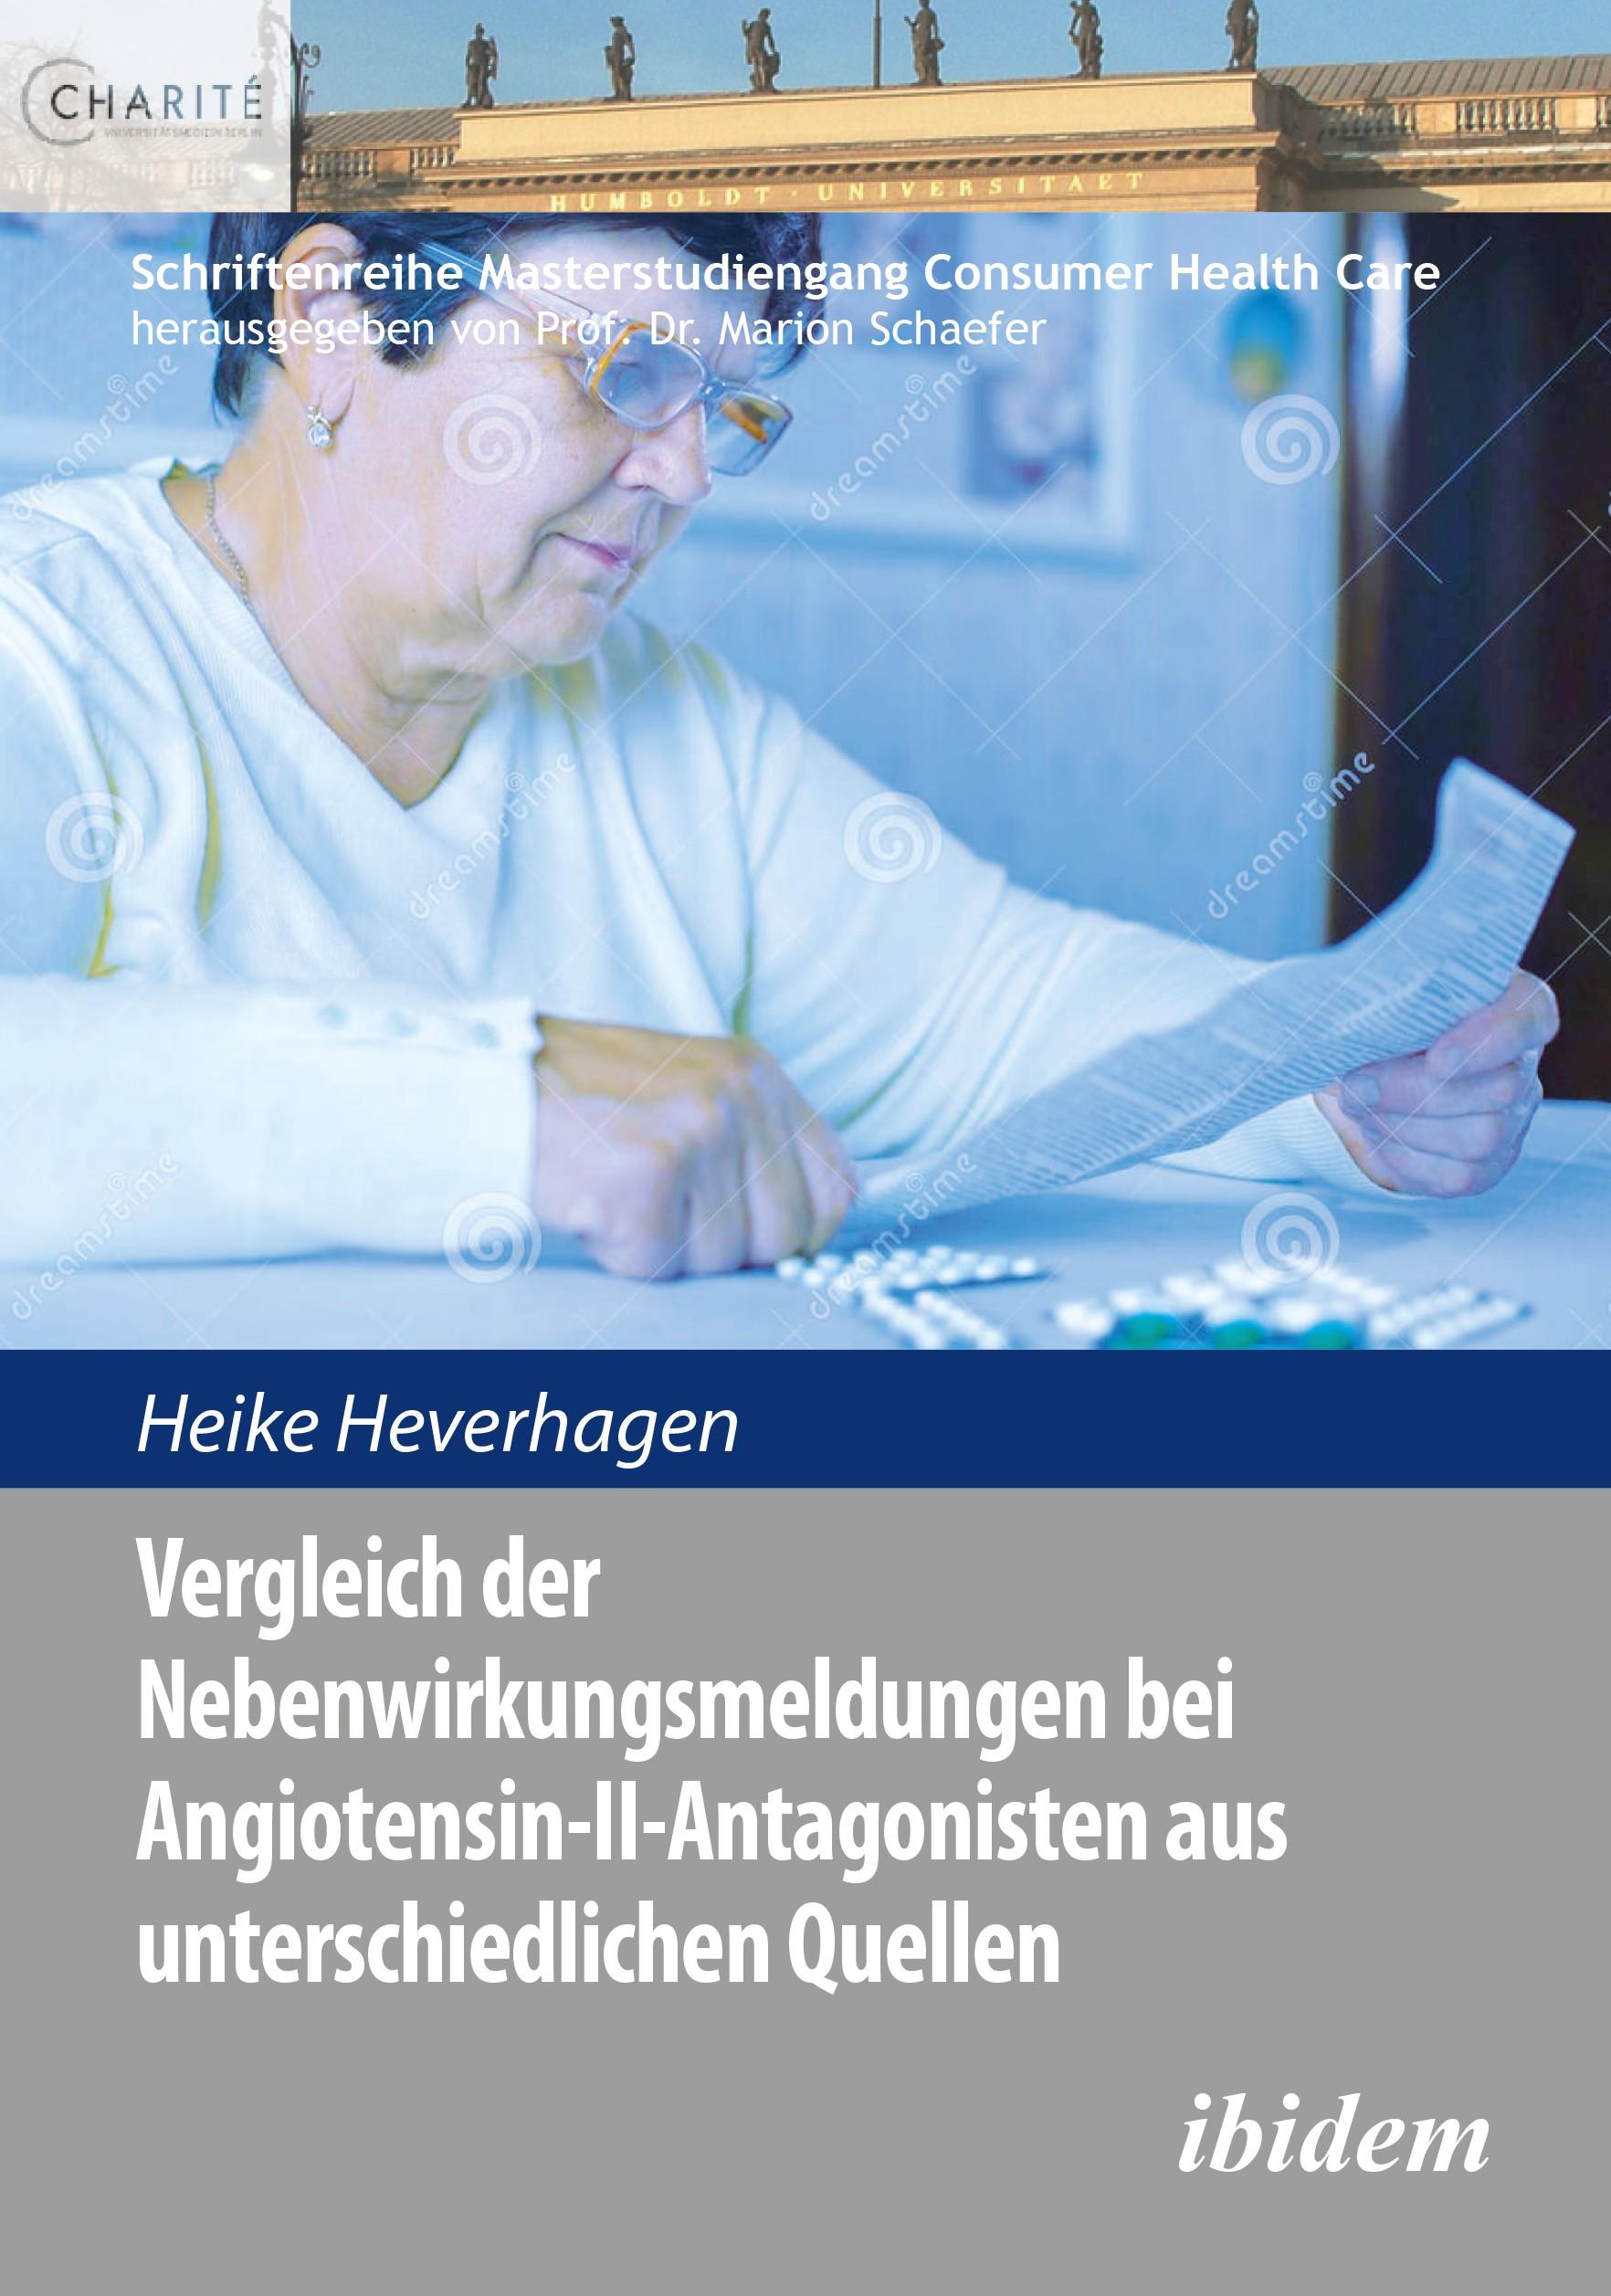 Vergleich der Nebenwirkungsmeldungen bei Angiotensin-II-Antagonisten aus unterschiedlichen Quellen